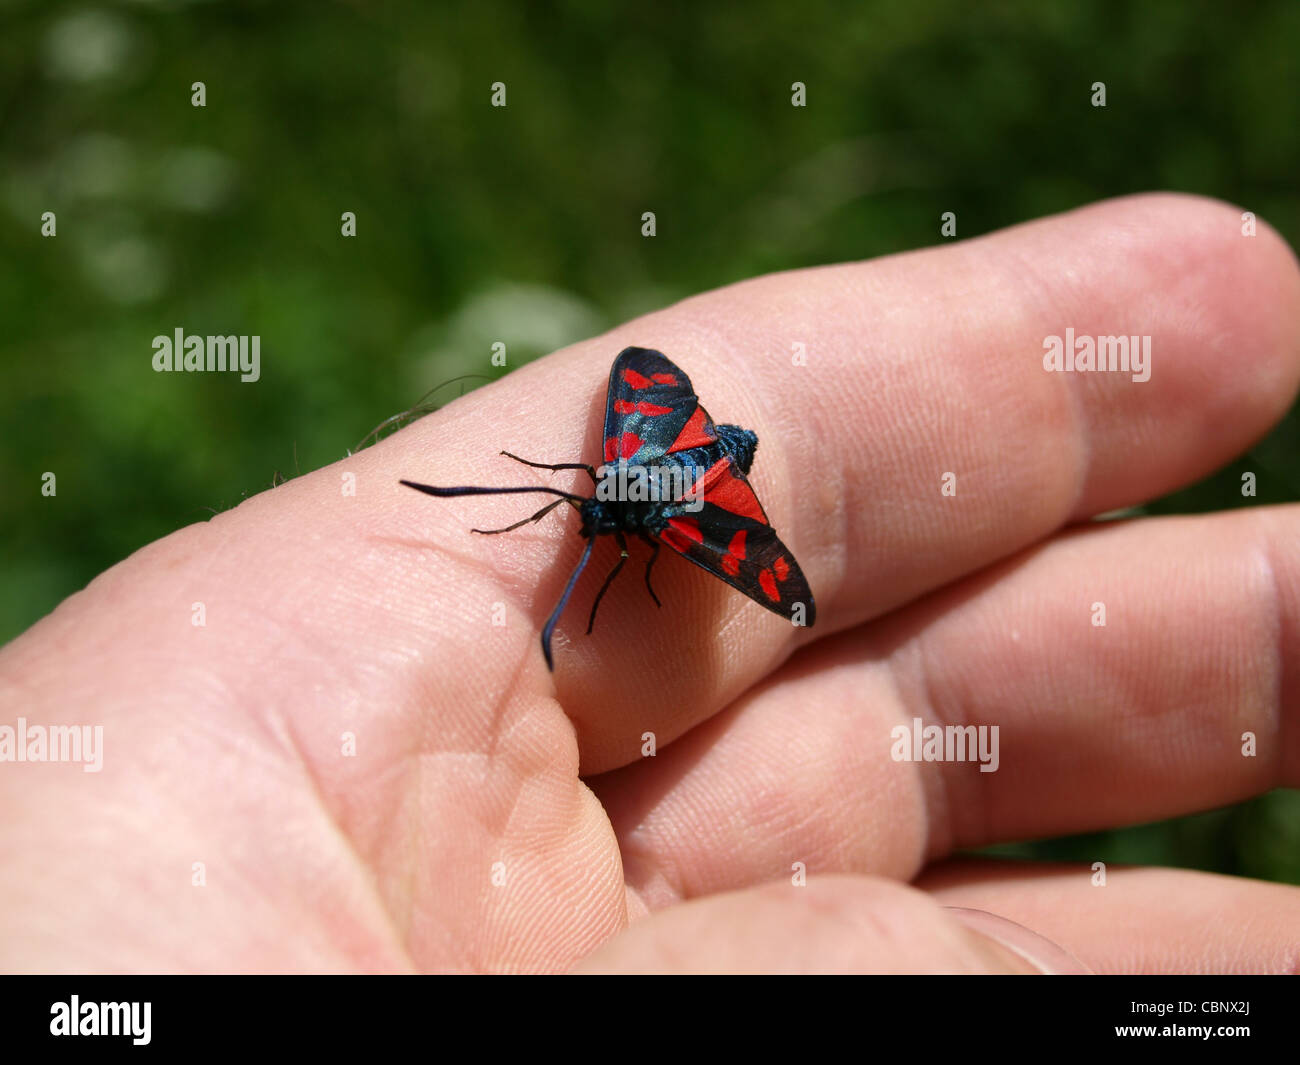 Six-spot Burnet on a hand / Zygaena filipendulae / Erdeichel-Widderchen, Sechsfleck-Widderchen auf einer Hand - Stock Image